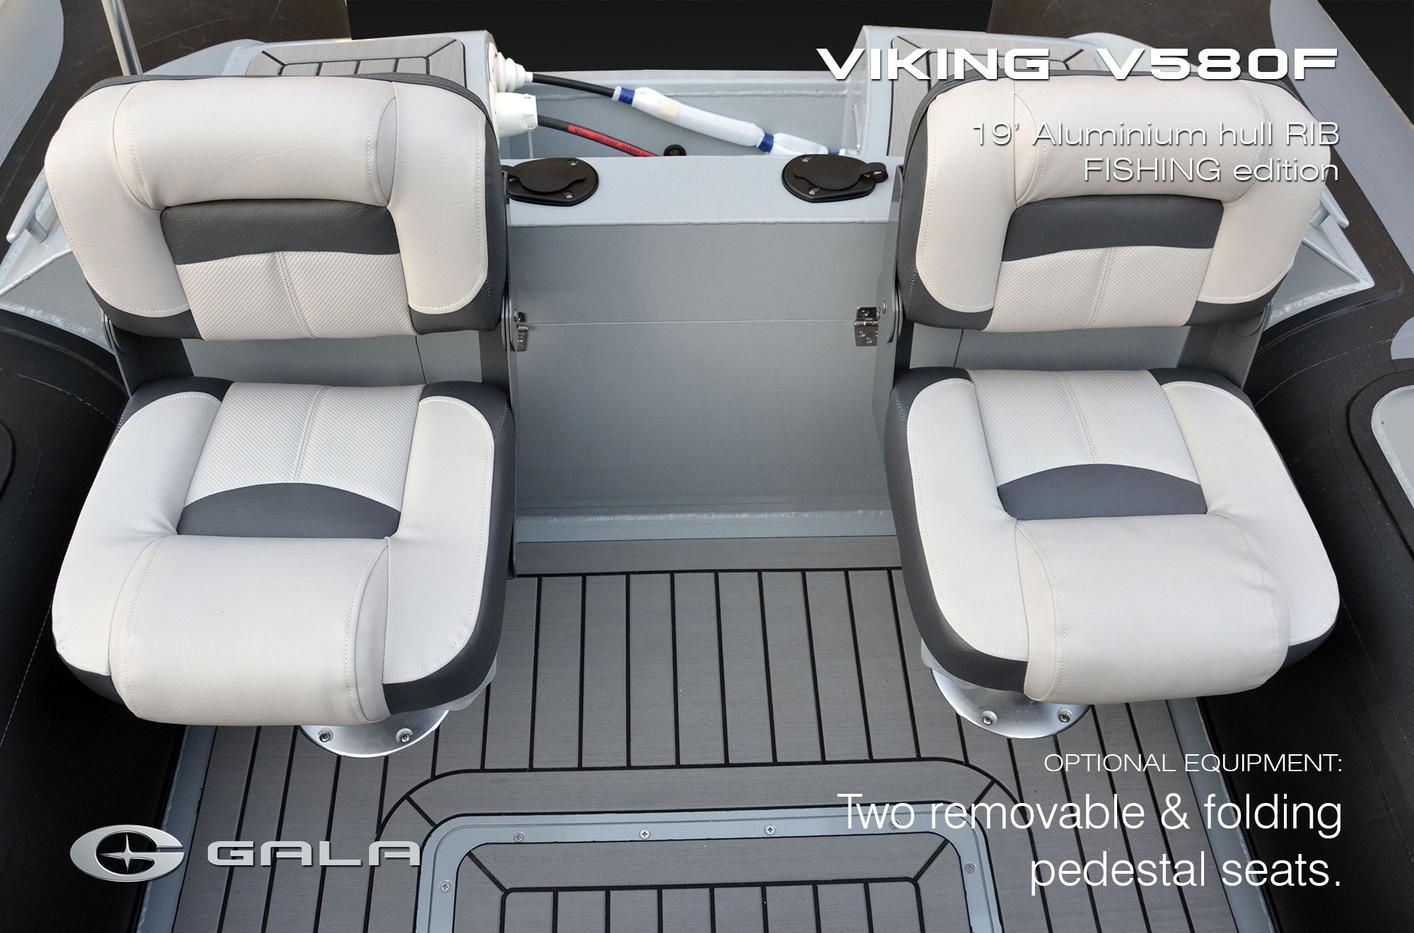 GALA VIKING V580 Cruising RIB (47).jpg